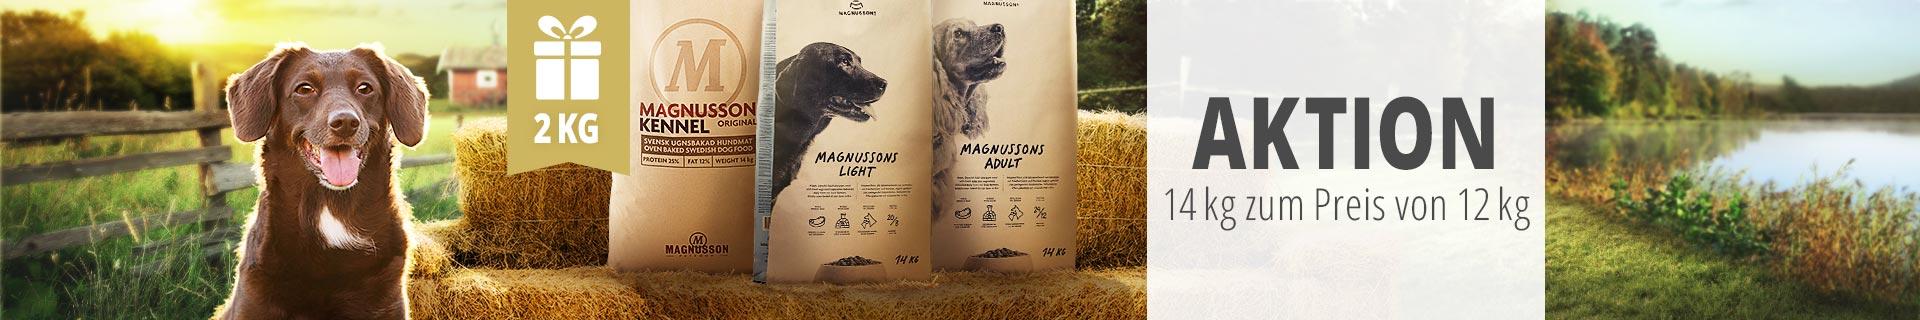 Magnusson Trockenfutter Aktion - 14kg zum Preis von 12kg